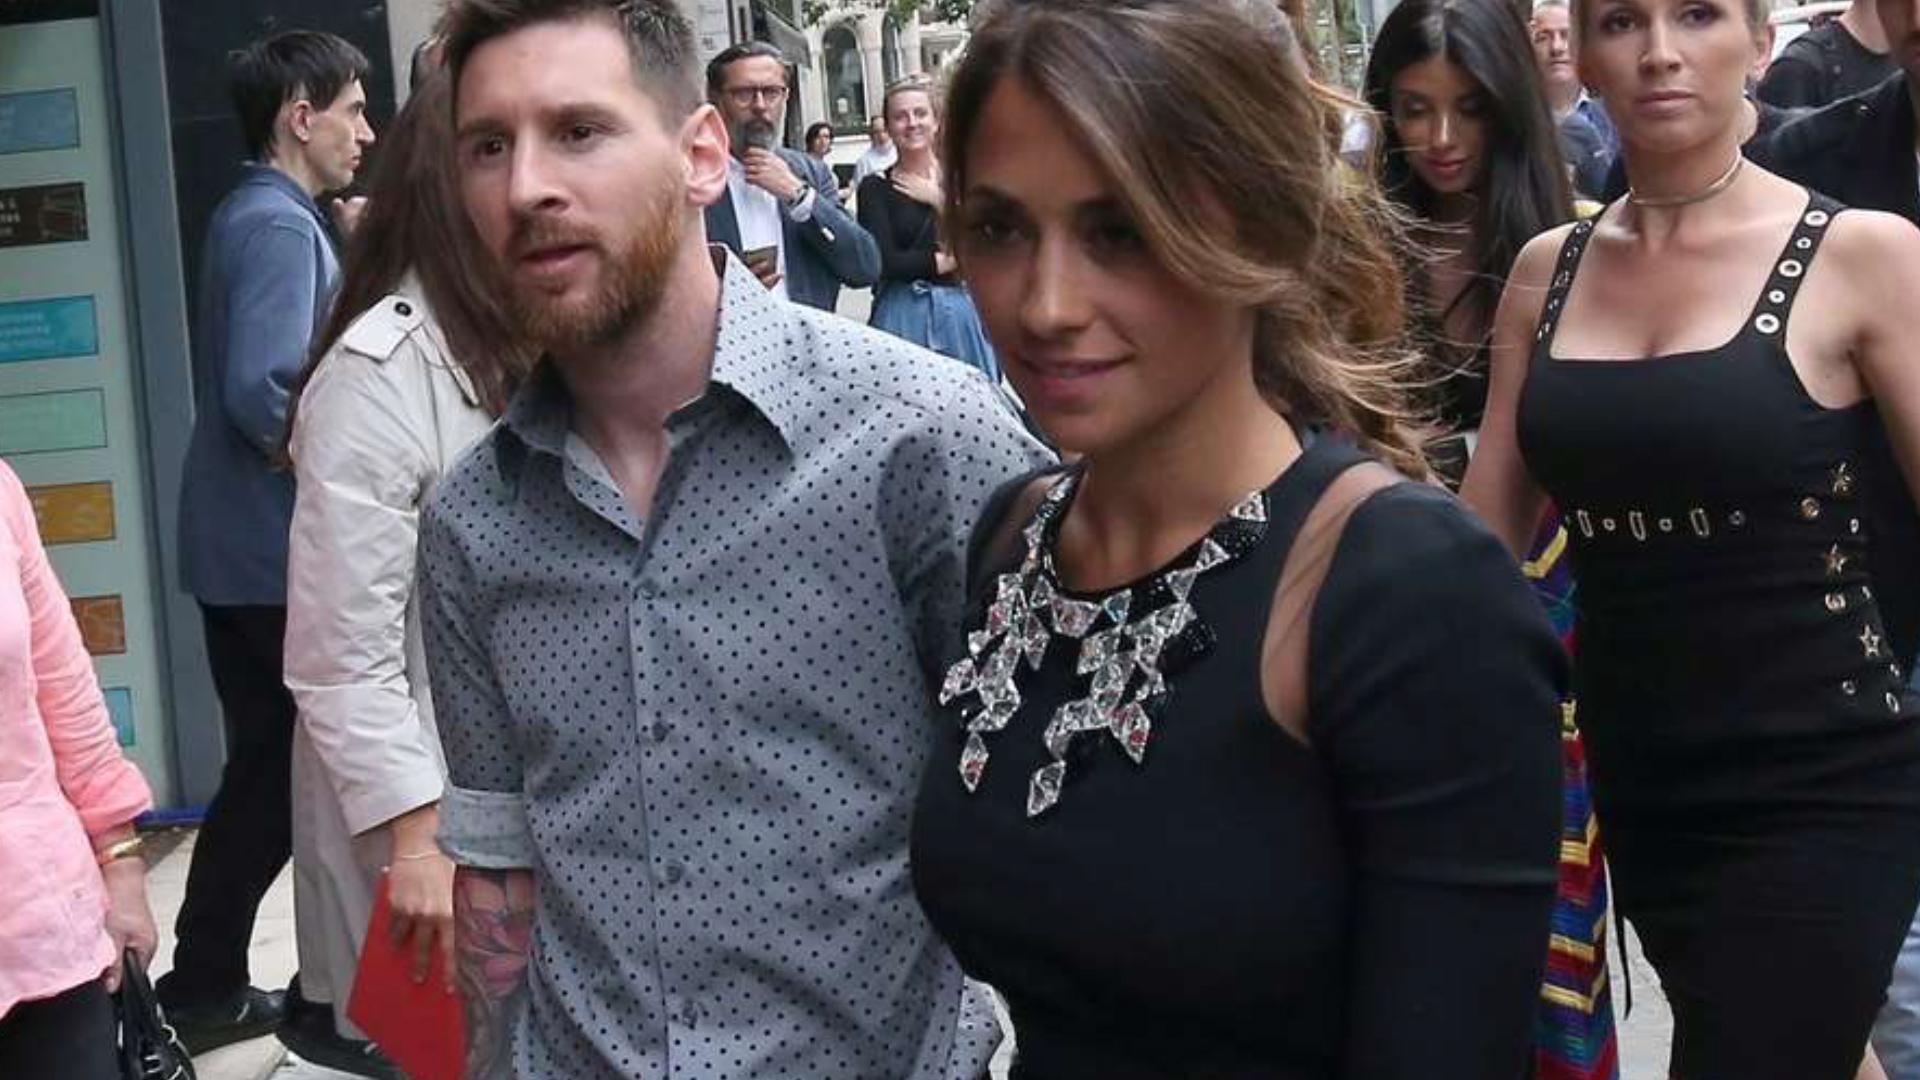 Con look relajado de camisa gris y lunares negros, Messi acompañó en su nuevo proyecto a su mujer, quien lució un vestido streech negro con piedras en el escote (2017 sarkany)